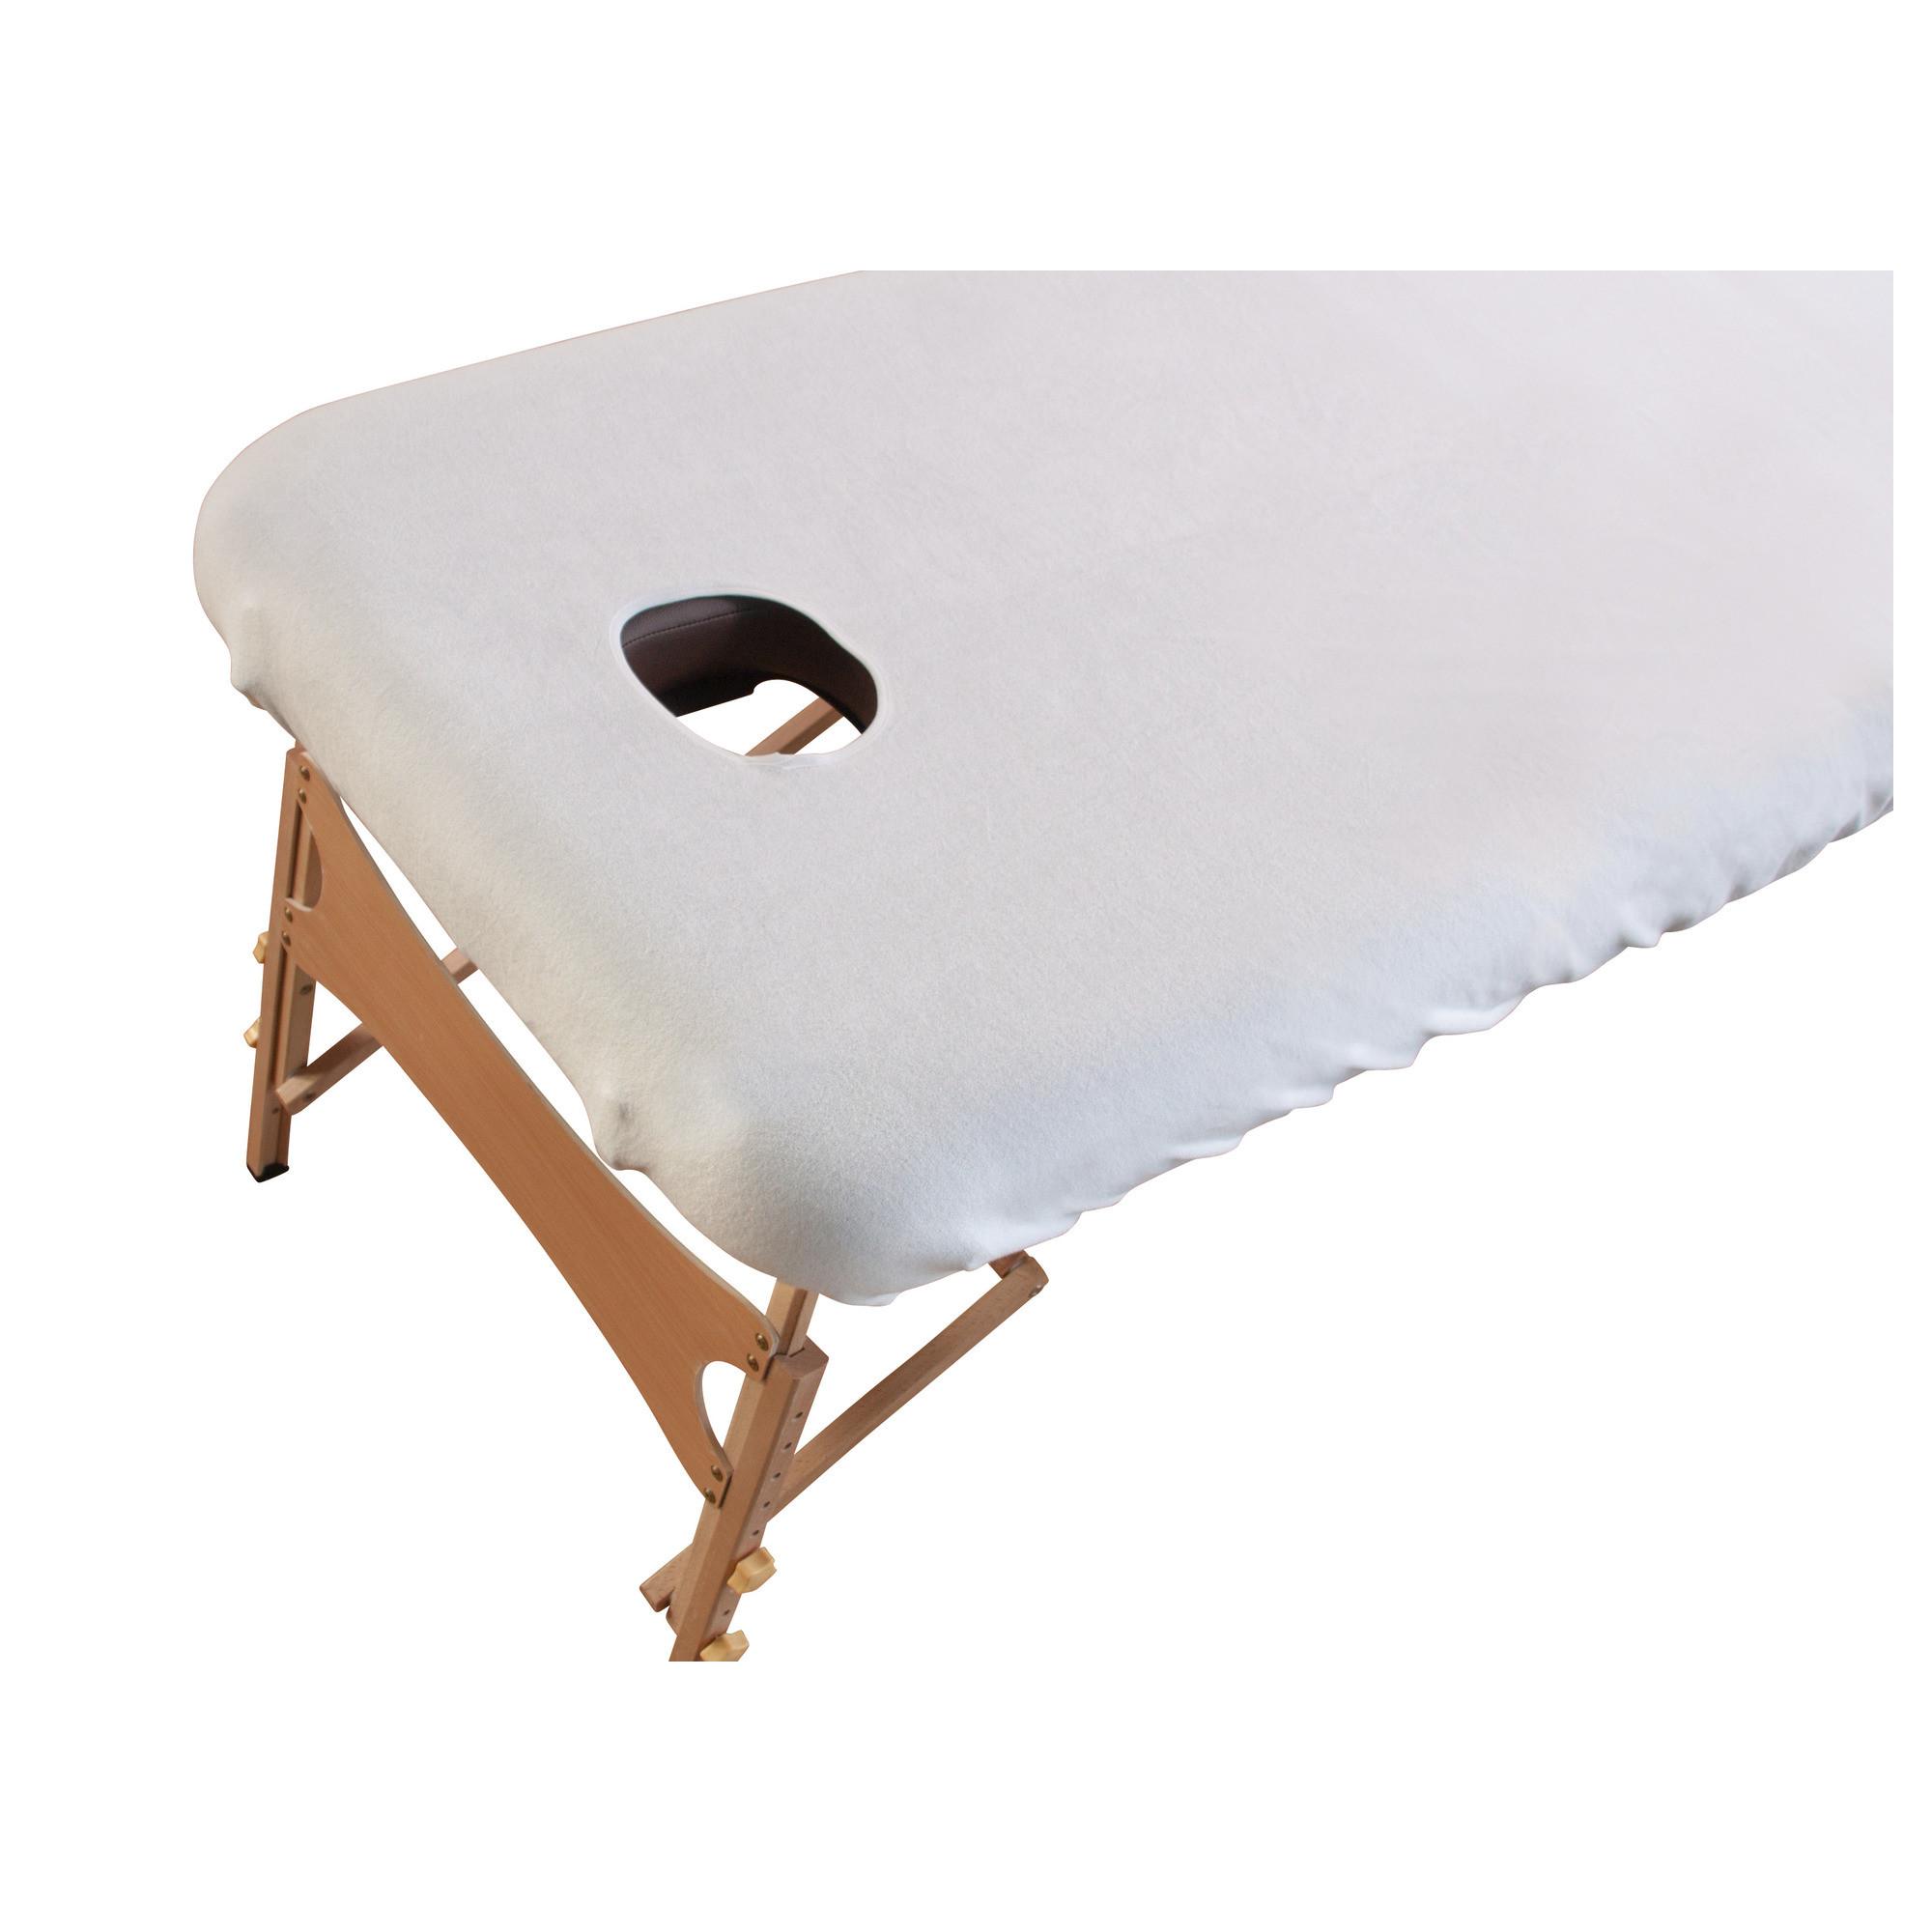 Housse en tissu éponge pour table de massage mobile - Ruck